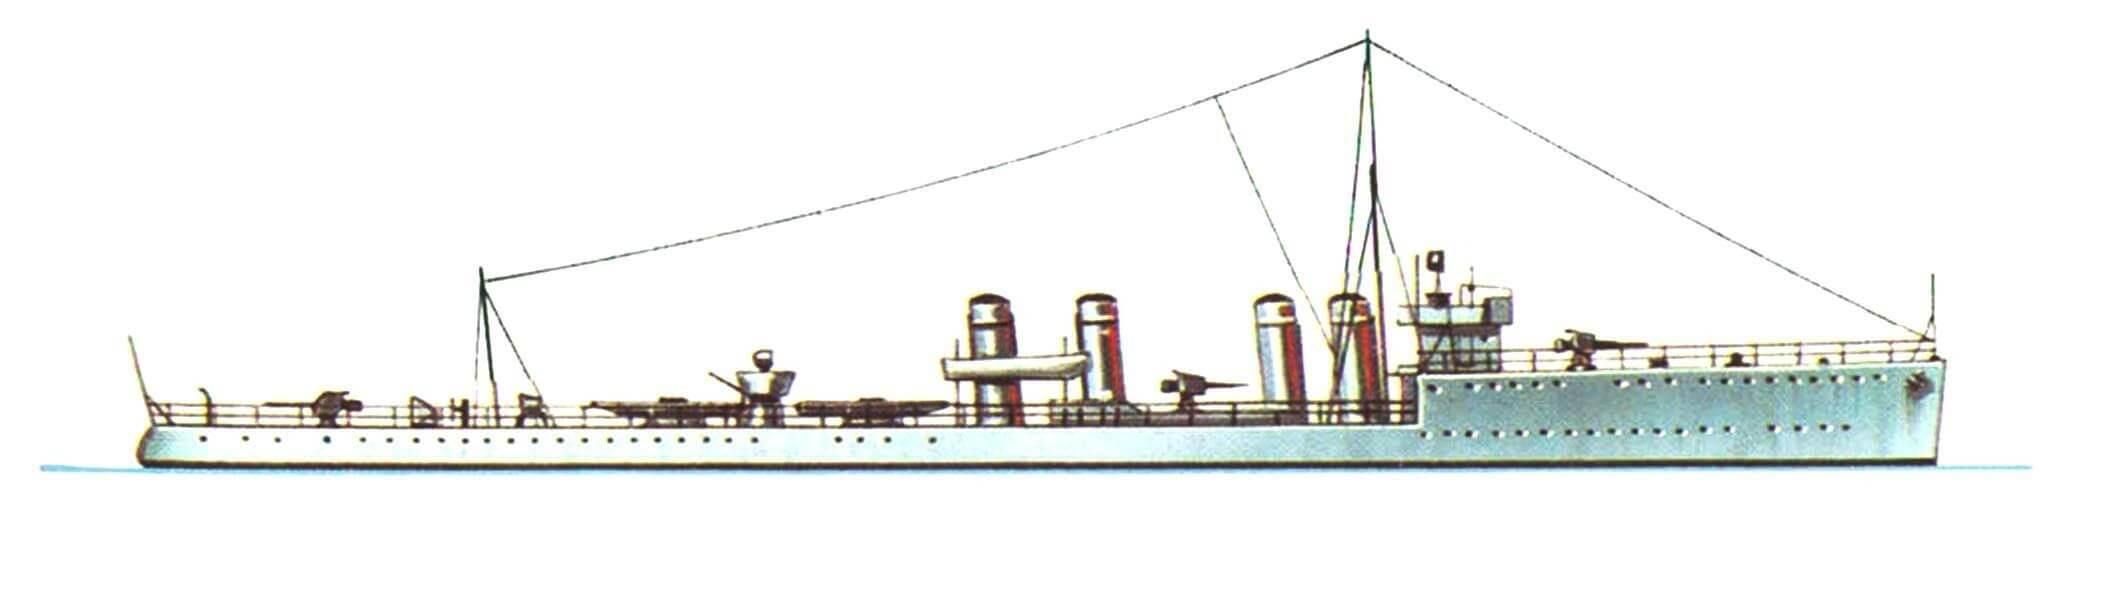 173. Эскадренный миноносец «Мэнсфилд», Англия, 1915 г.